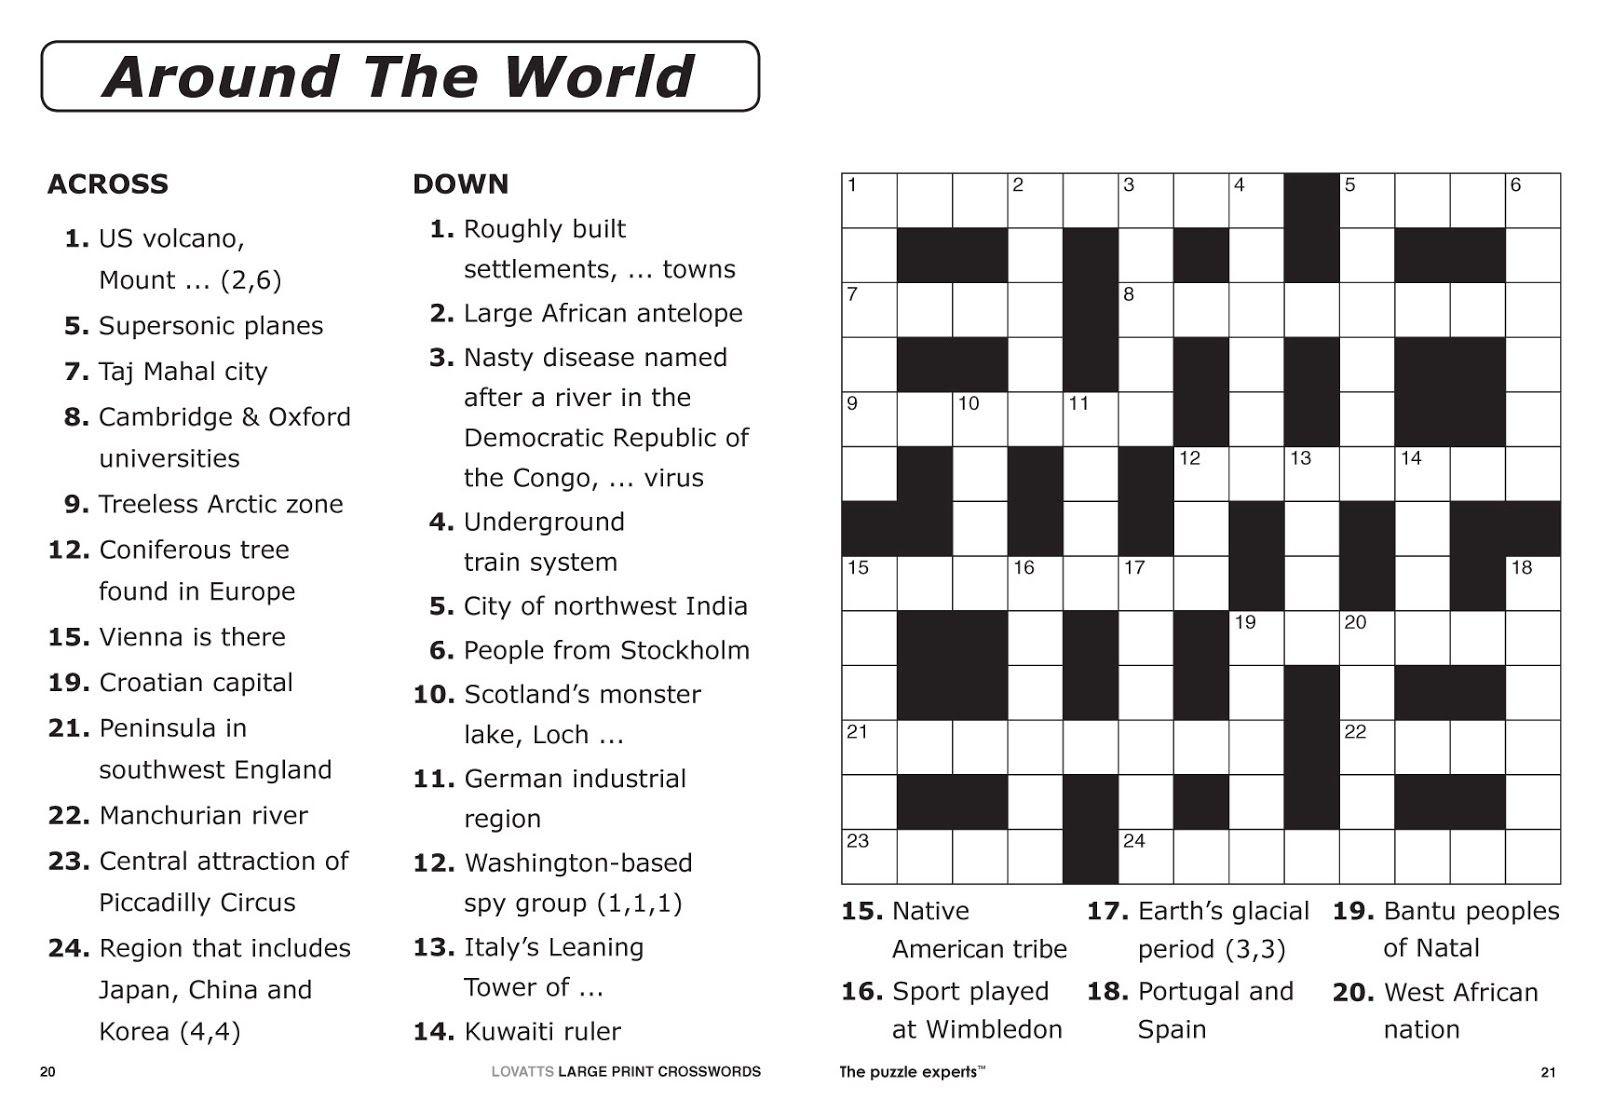 Easy Printable Crossword Puzzles | Elder Care & Dementia Care - Free - Crossword Puzzle Maker Free Printable No Download